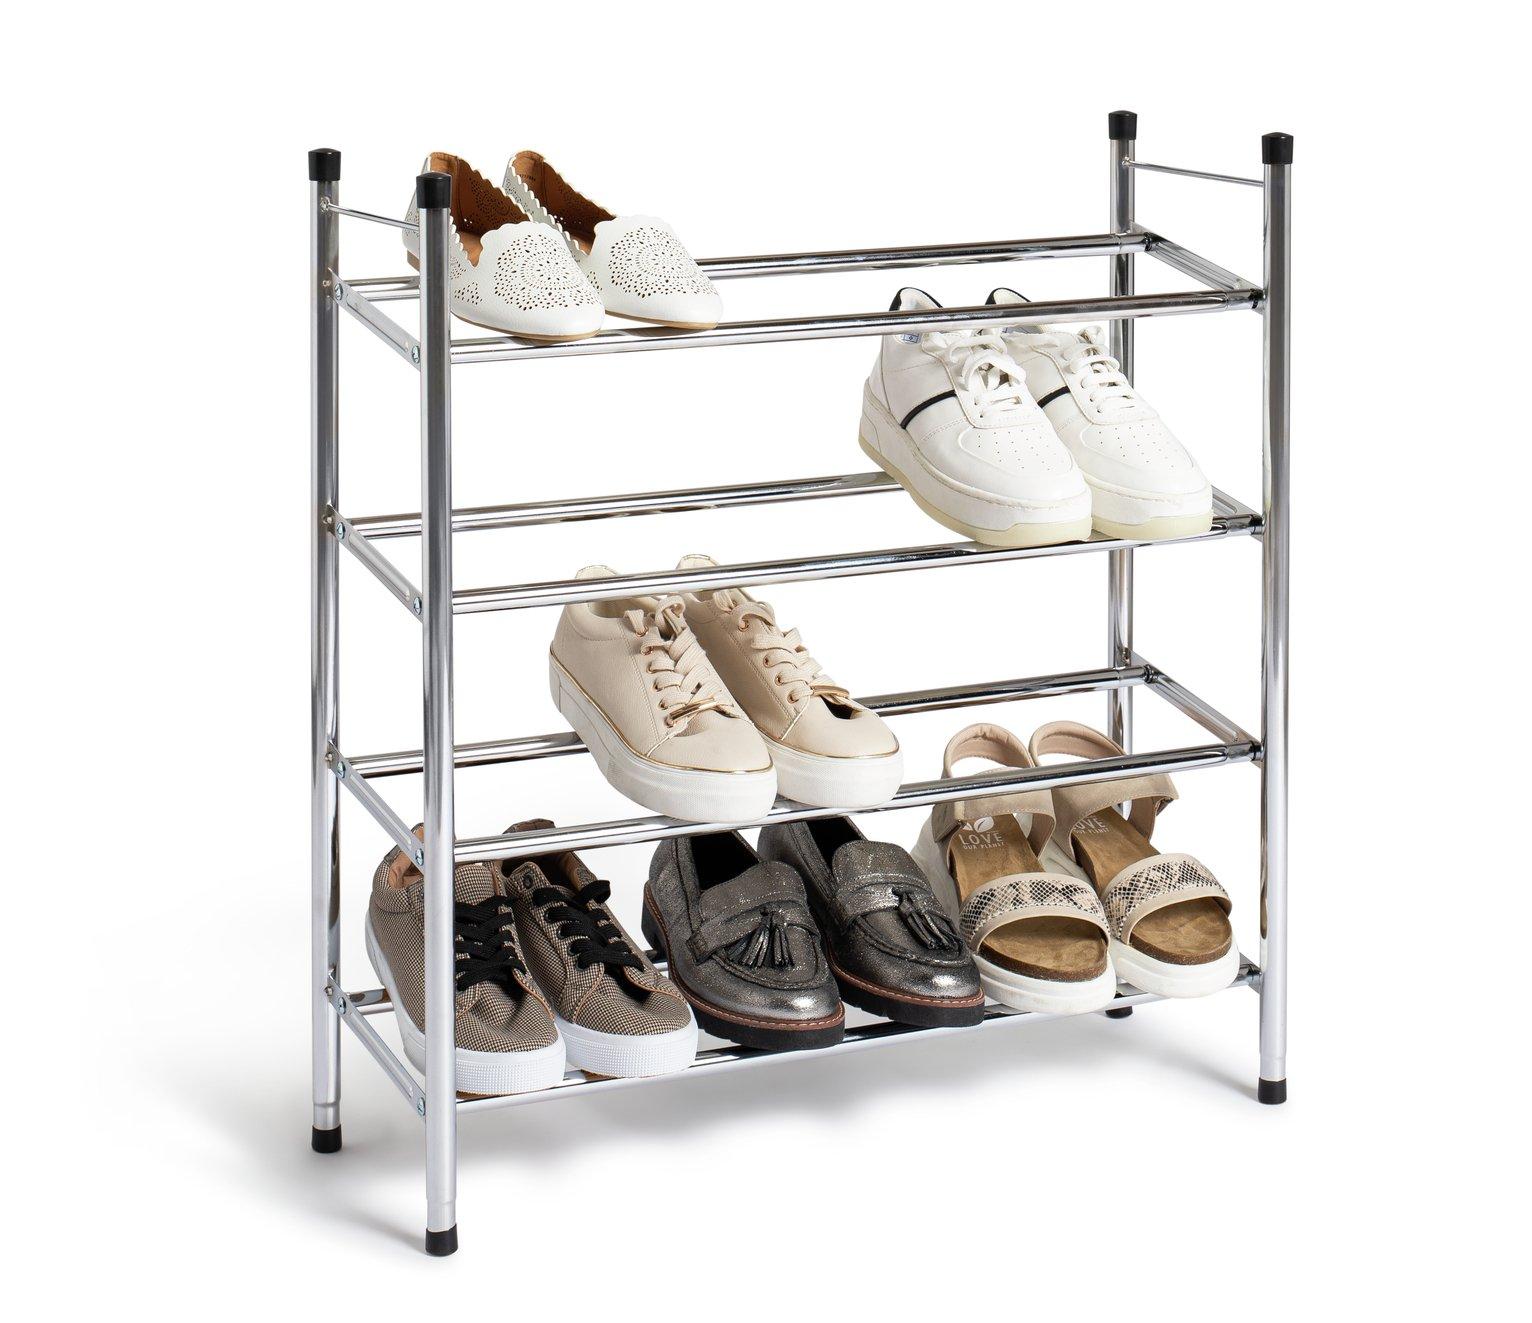 Argos Home 4 Shelf Ext Shoe Storage Rack - Chrome Plated